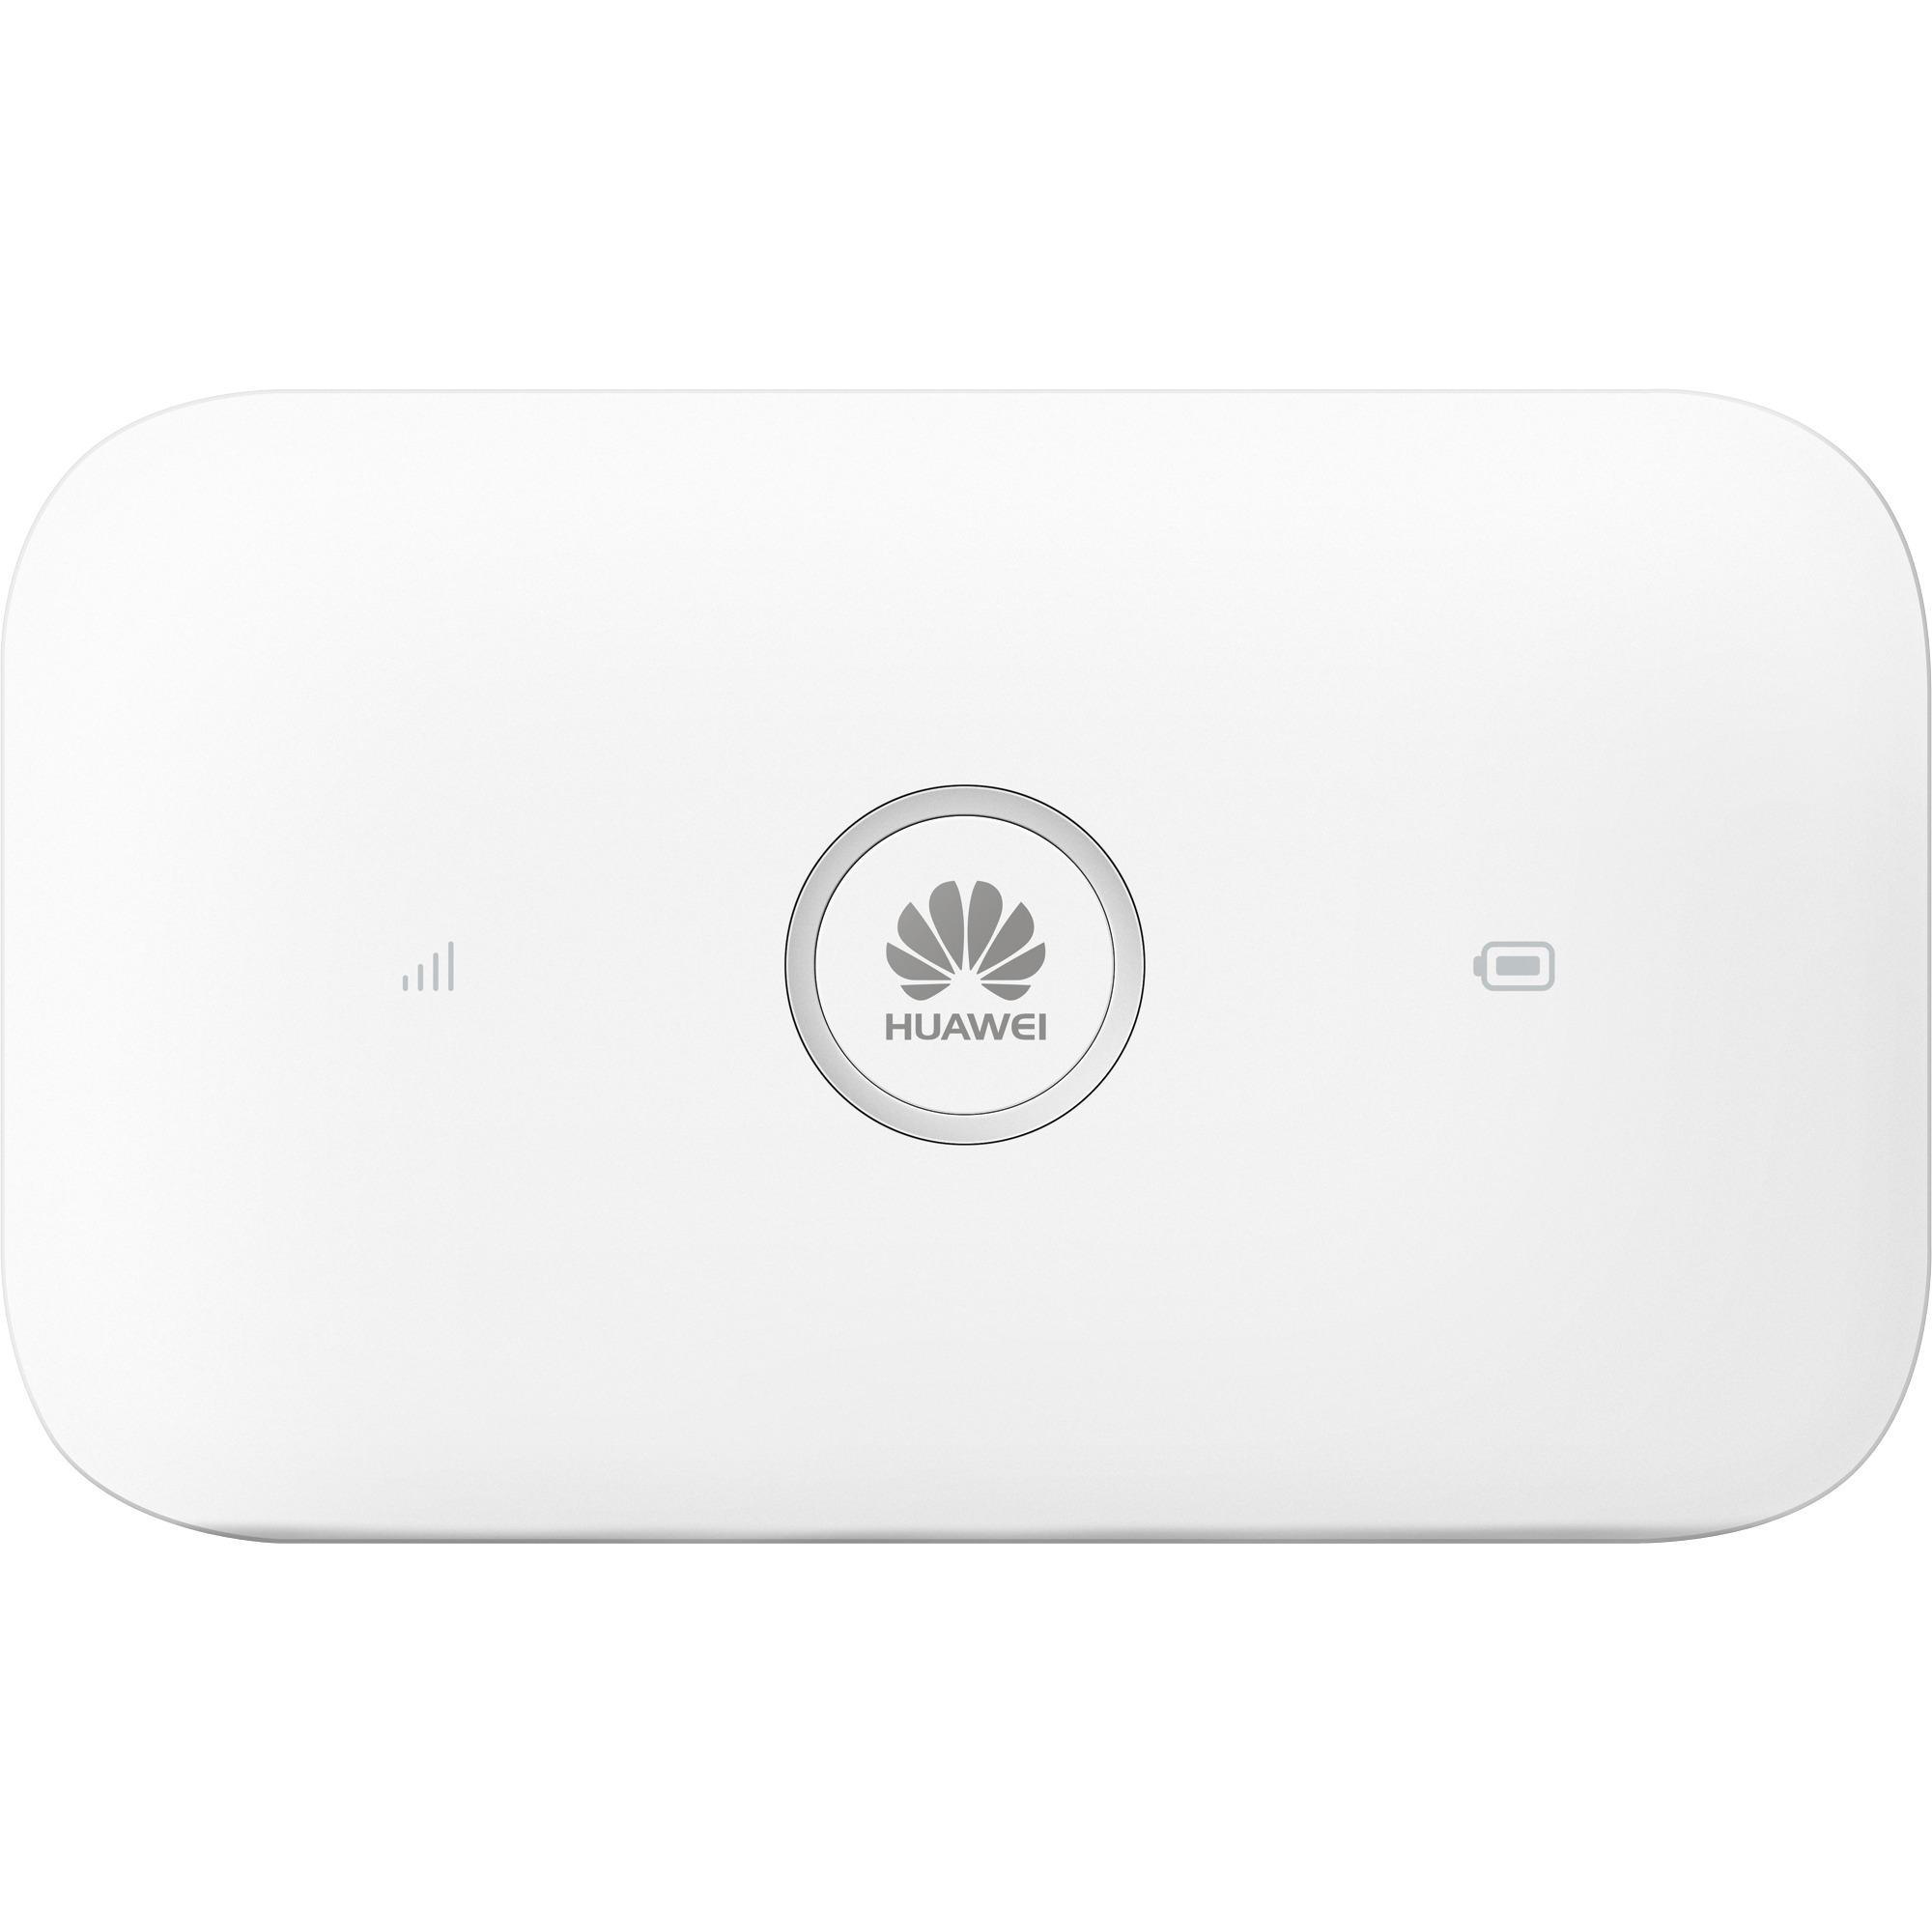 E5573Cs-322 Módem/router de red móvil